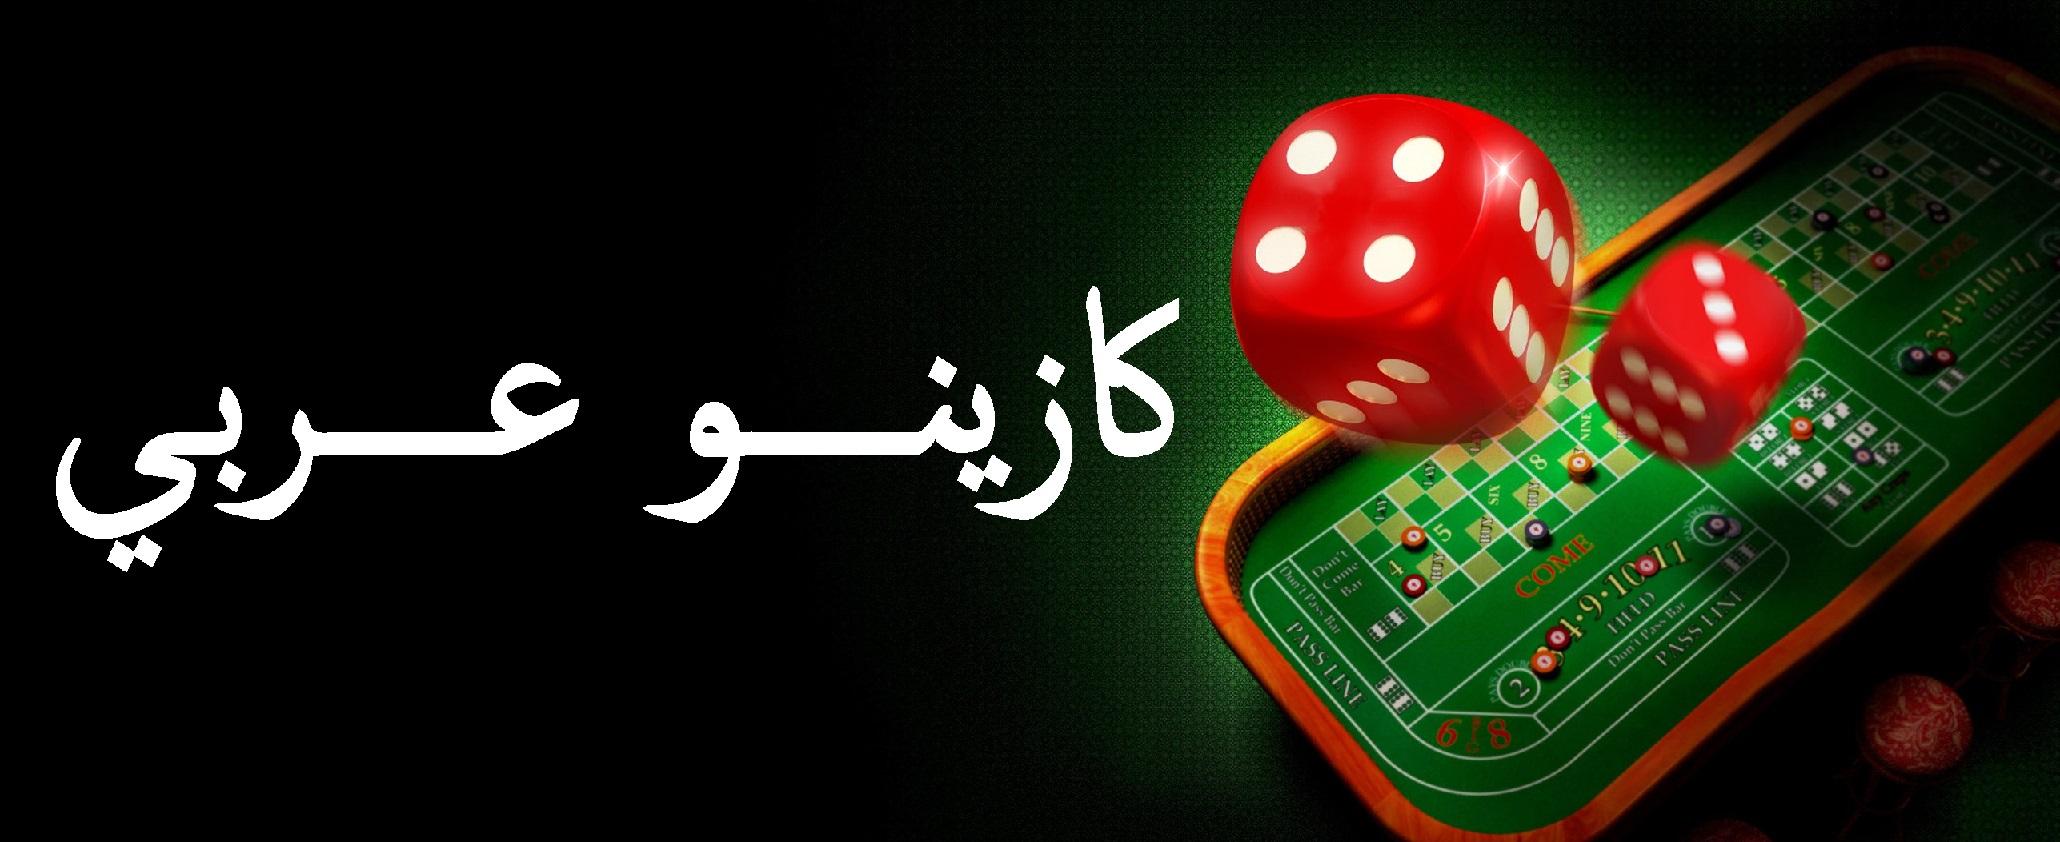 طريقة لعب القمار - 83072